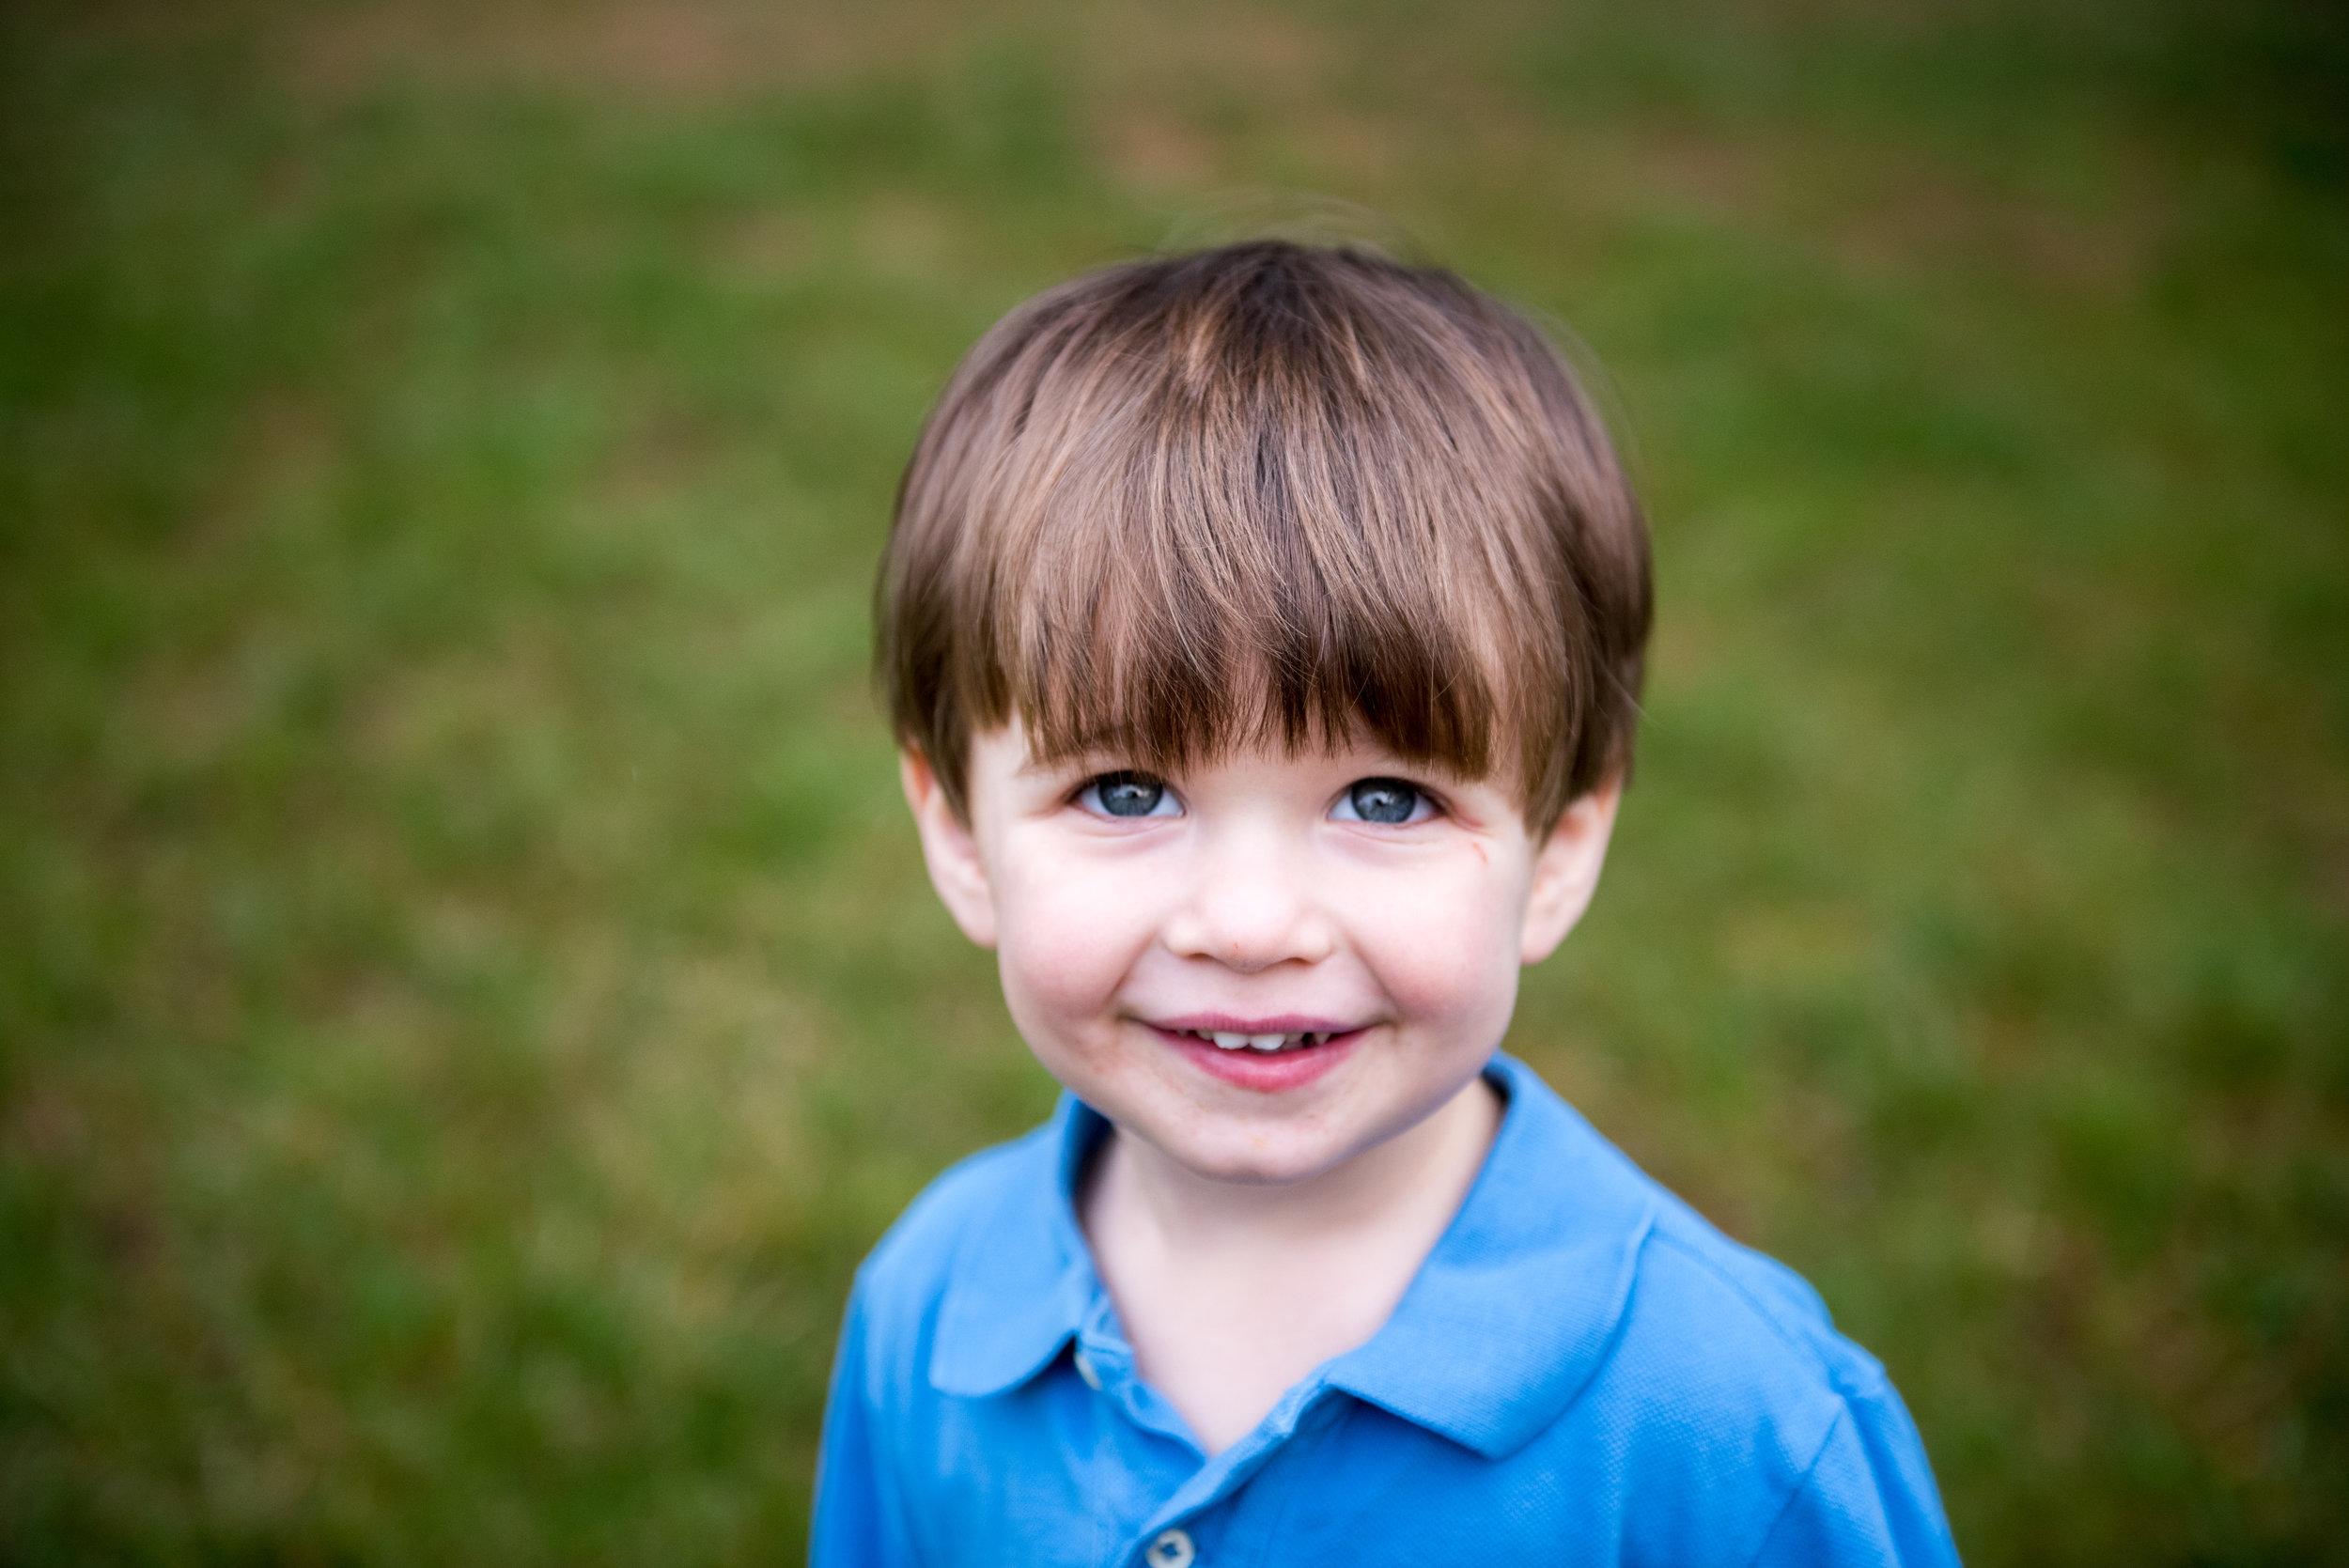 Washington DC Child Photography